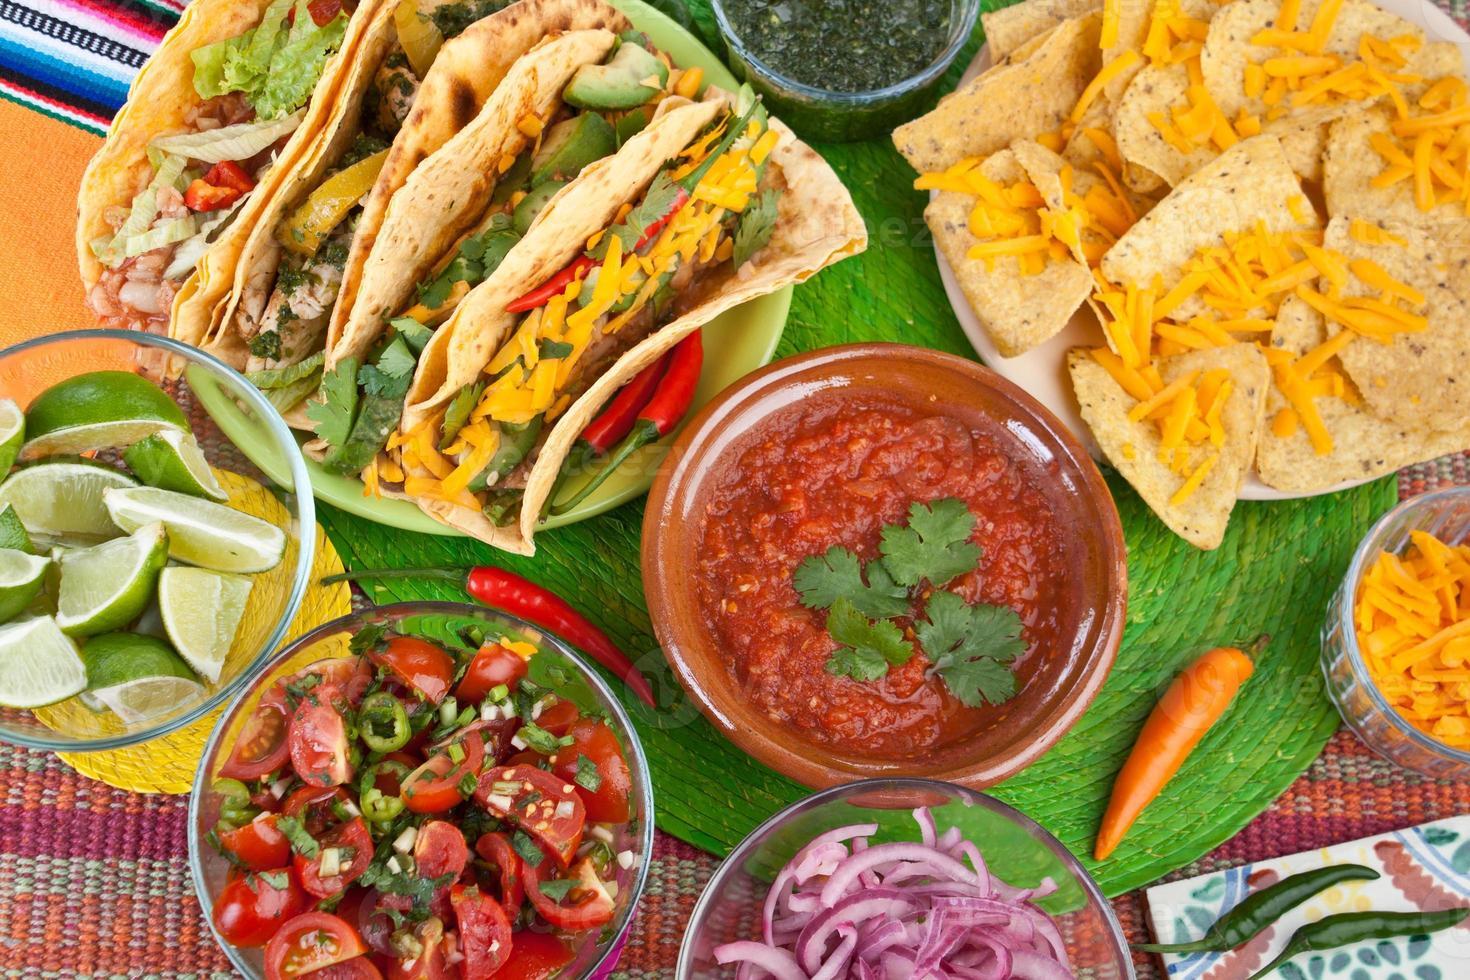 plats traditionnels mexicains colorés photo